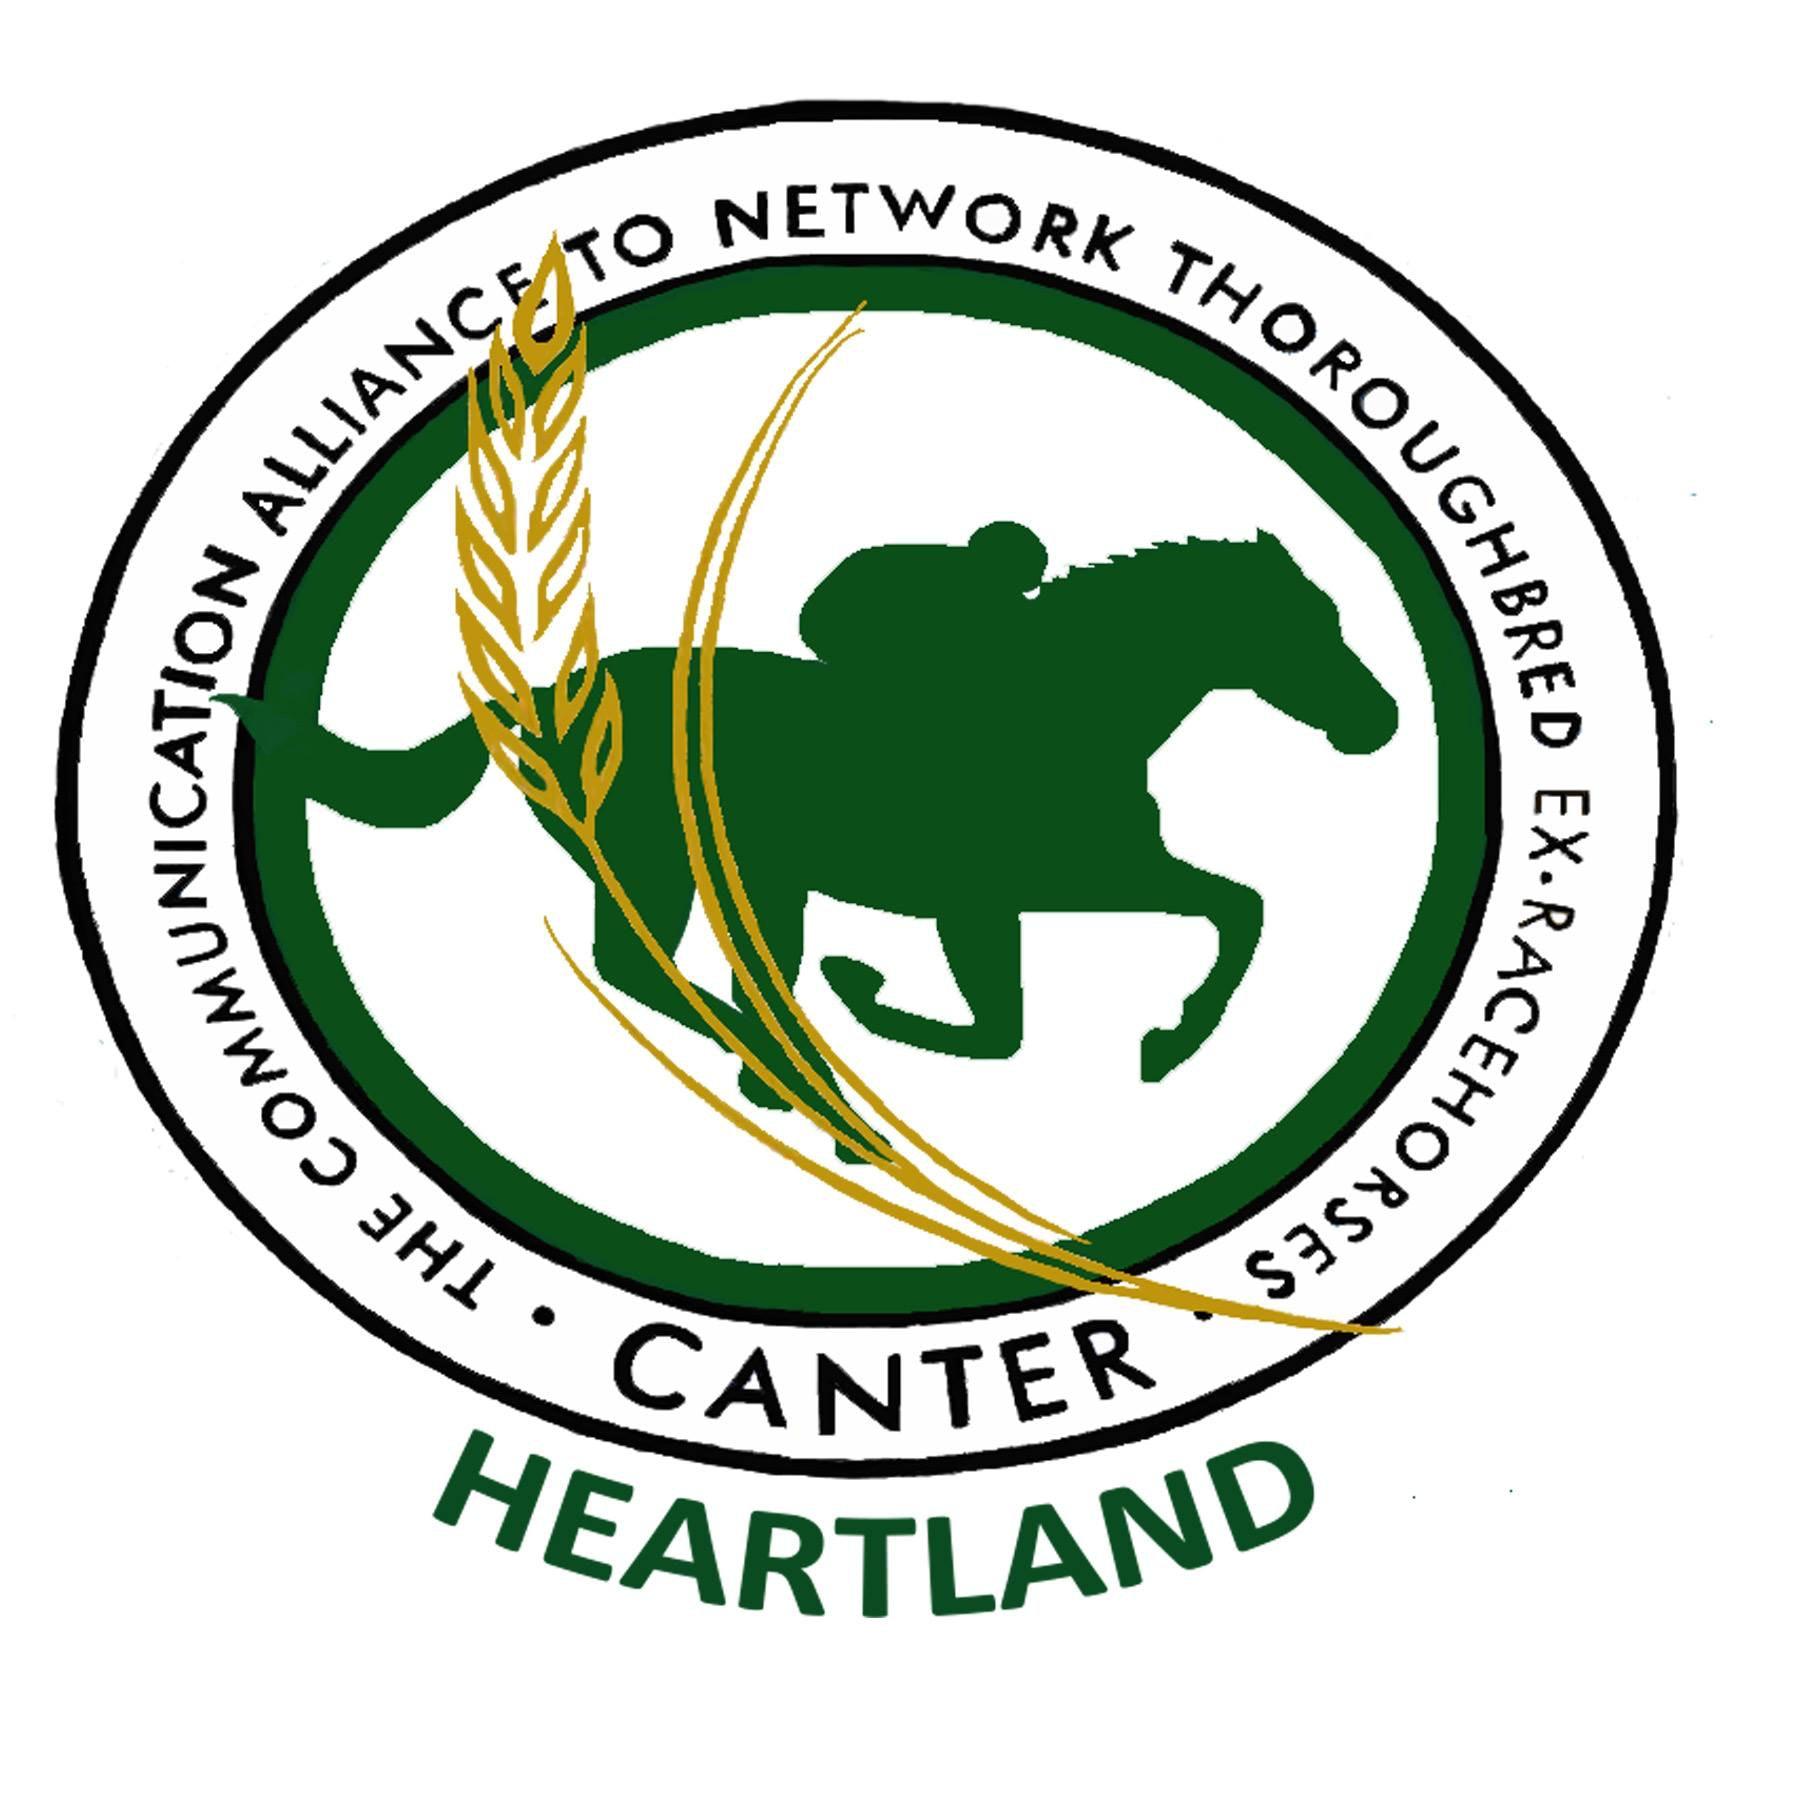 CANTER HEARTLAND